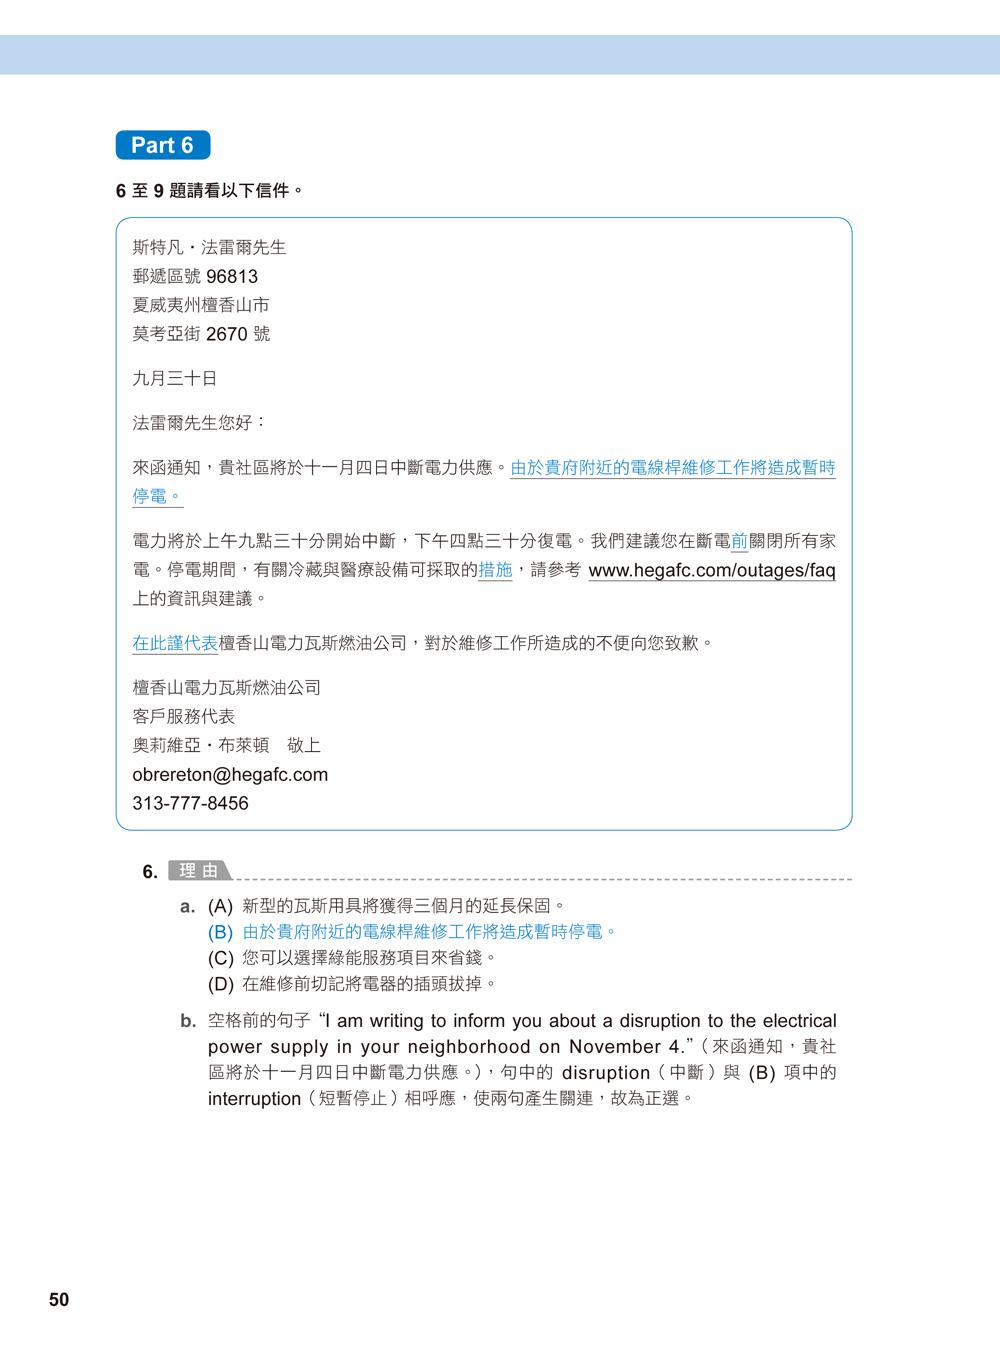 NEW TOEIC 閱讀高分攻略-TC09